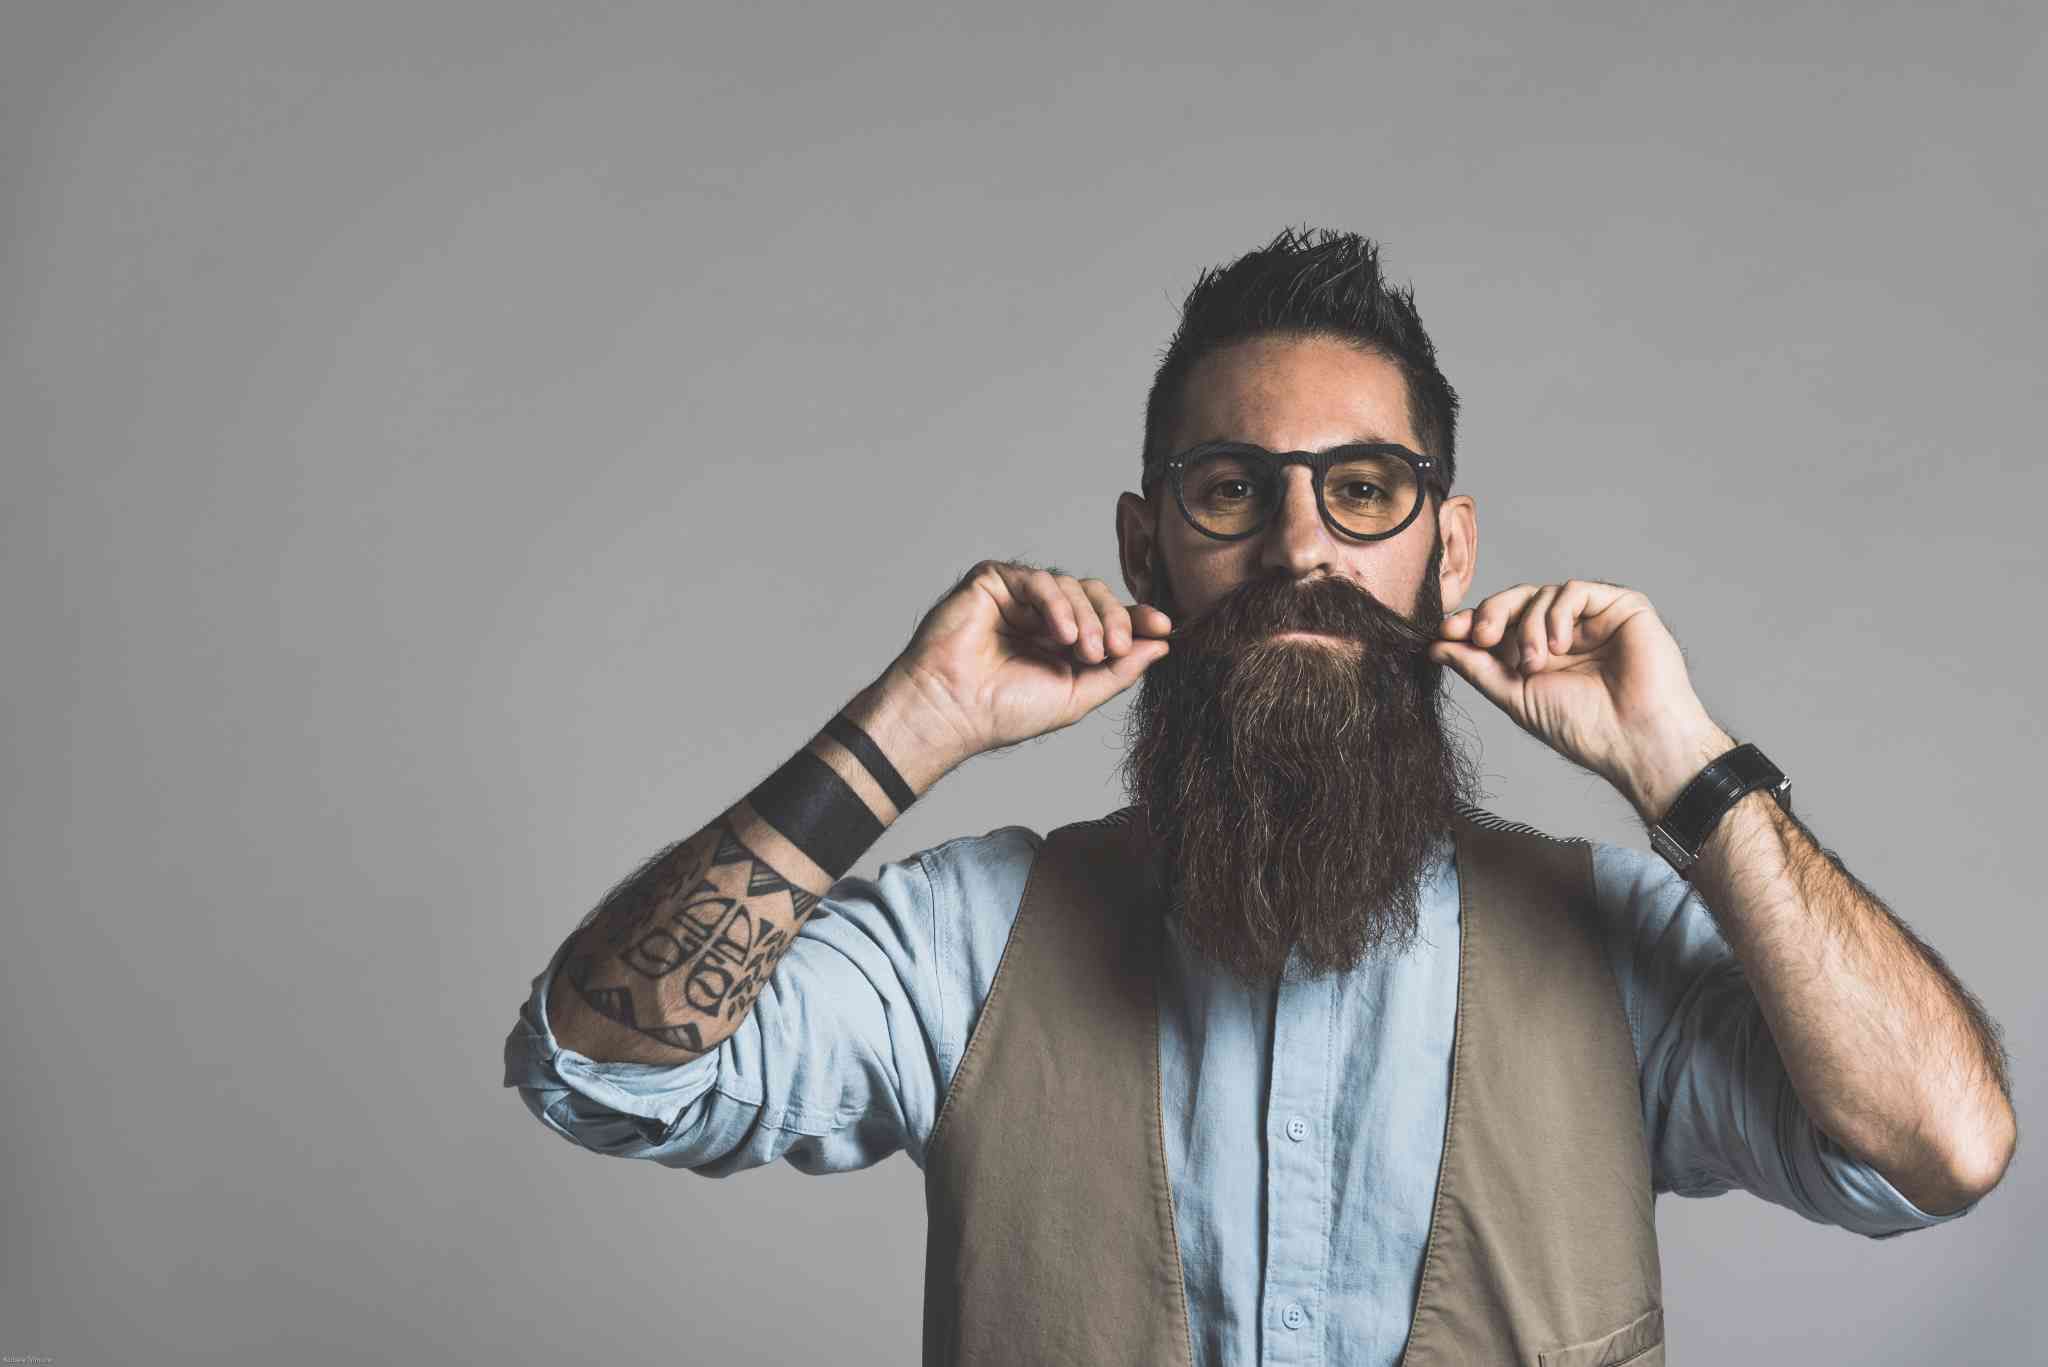 Ragazzo con barba hipster che si liscia i baffi